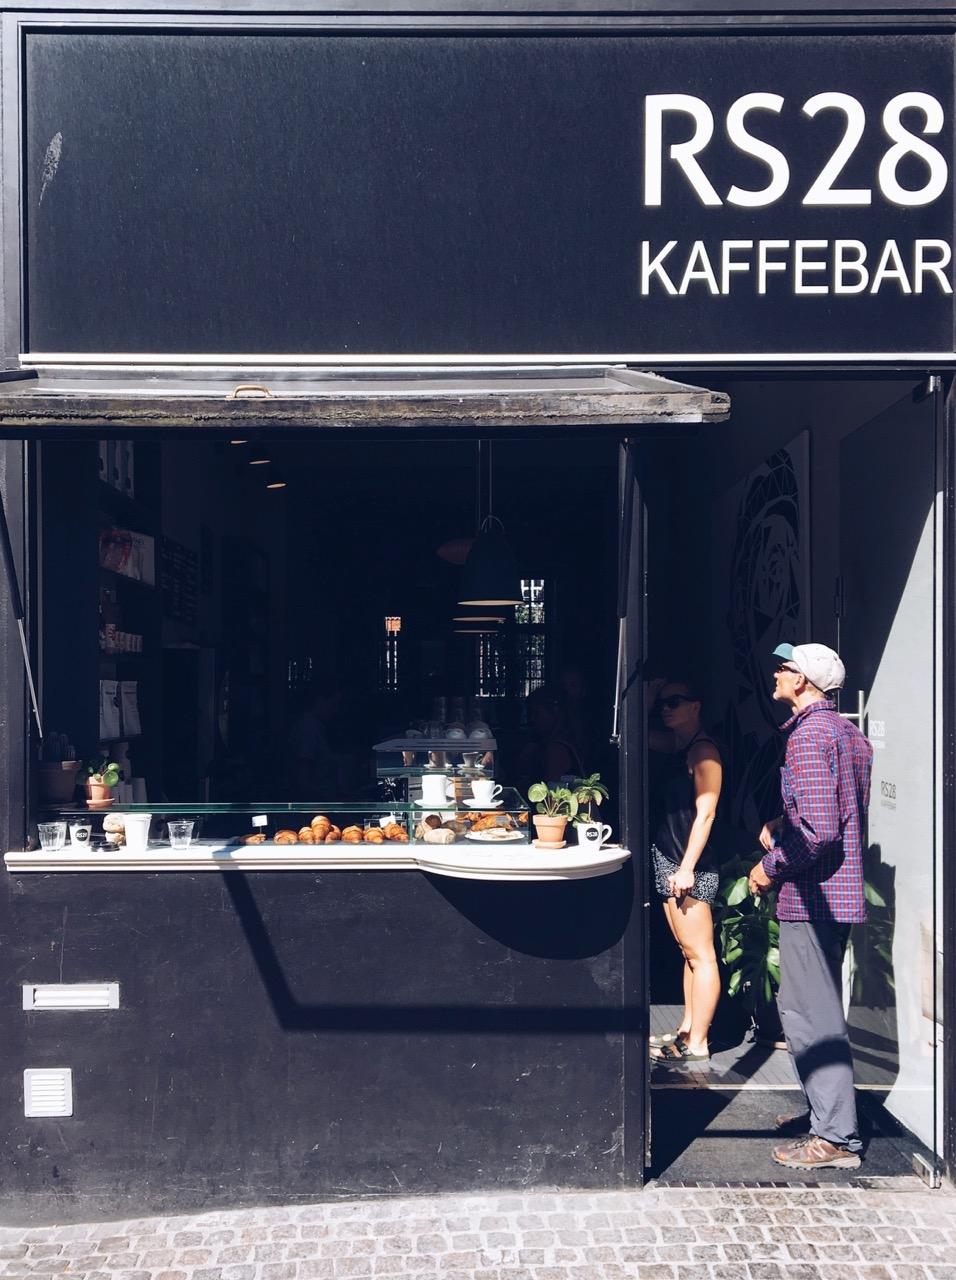 RS28_kaffebar_aarhus